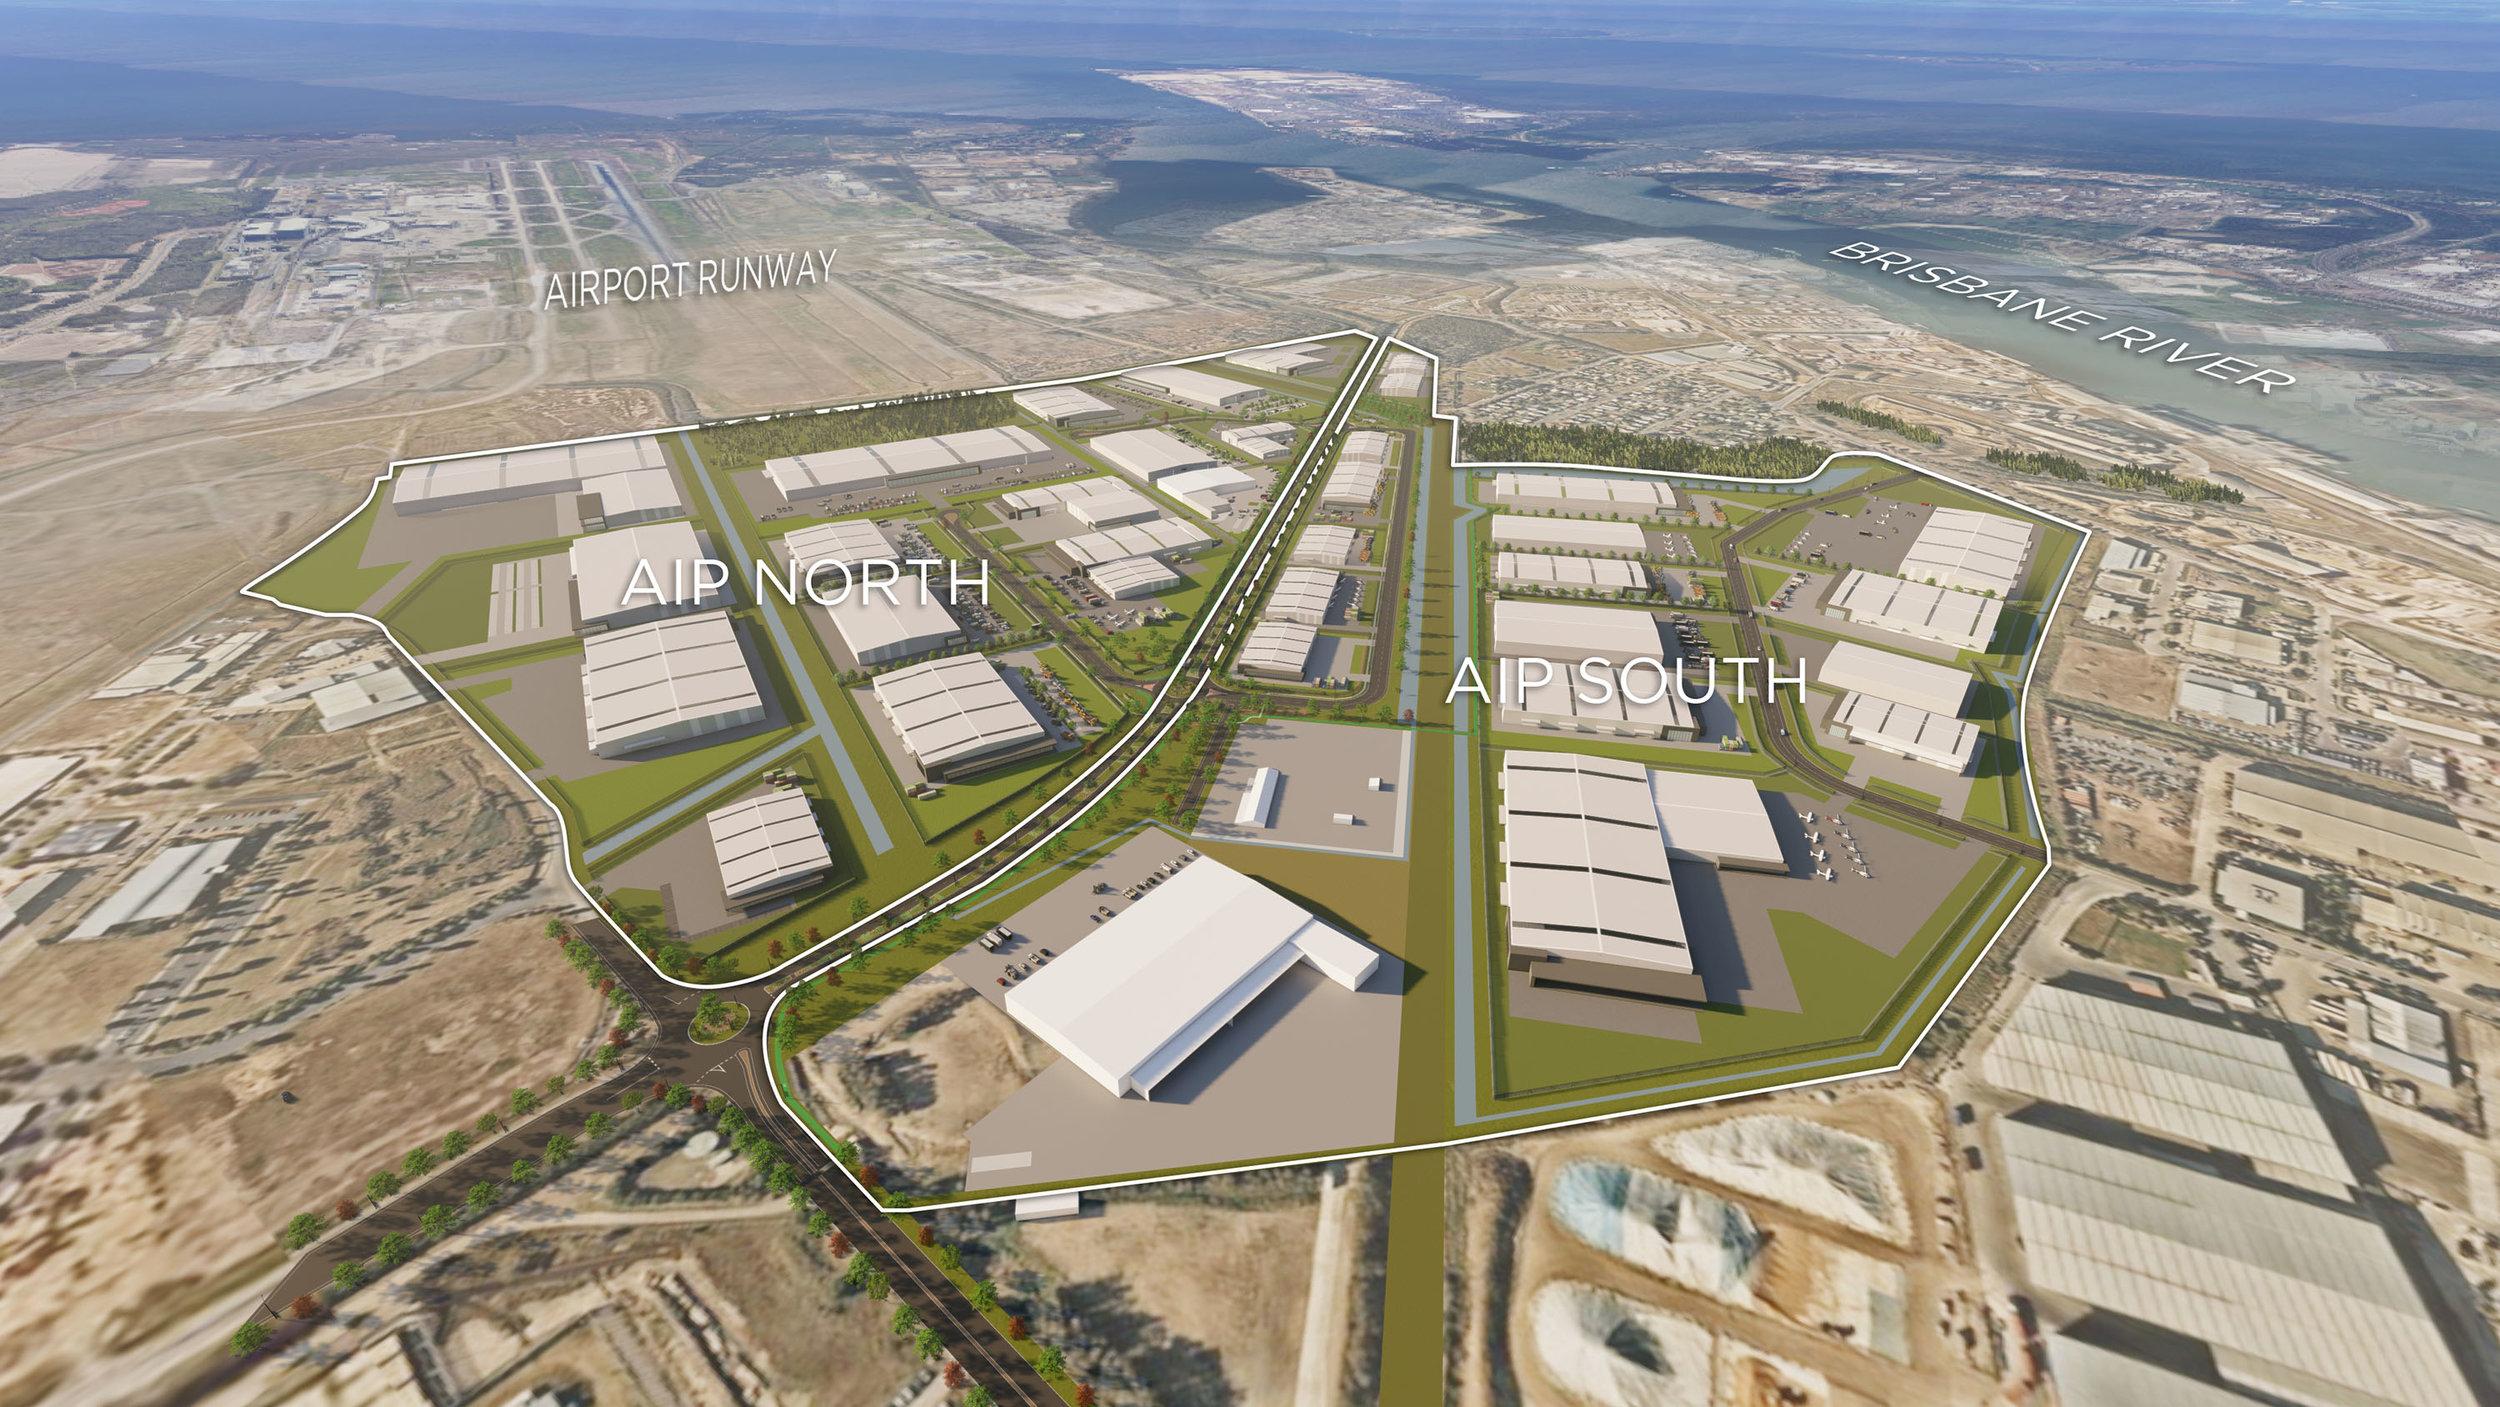 mode-design-bac-airport-master-plan-02.jpg